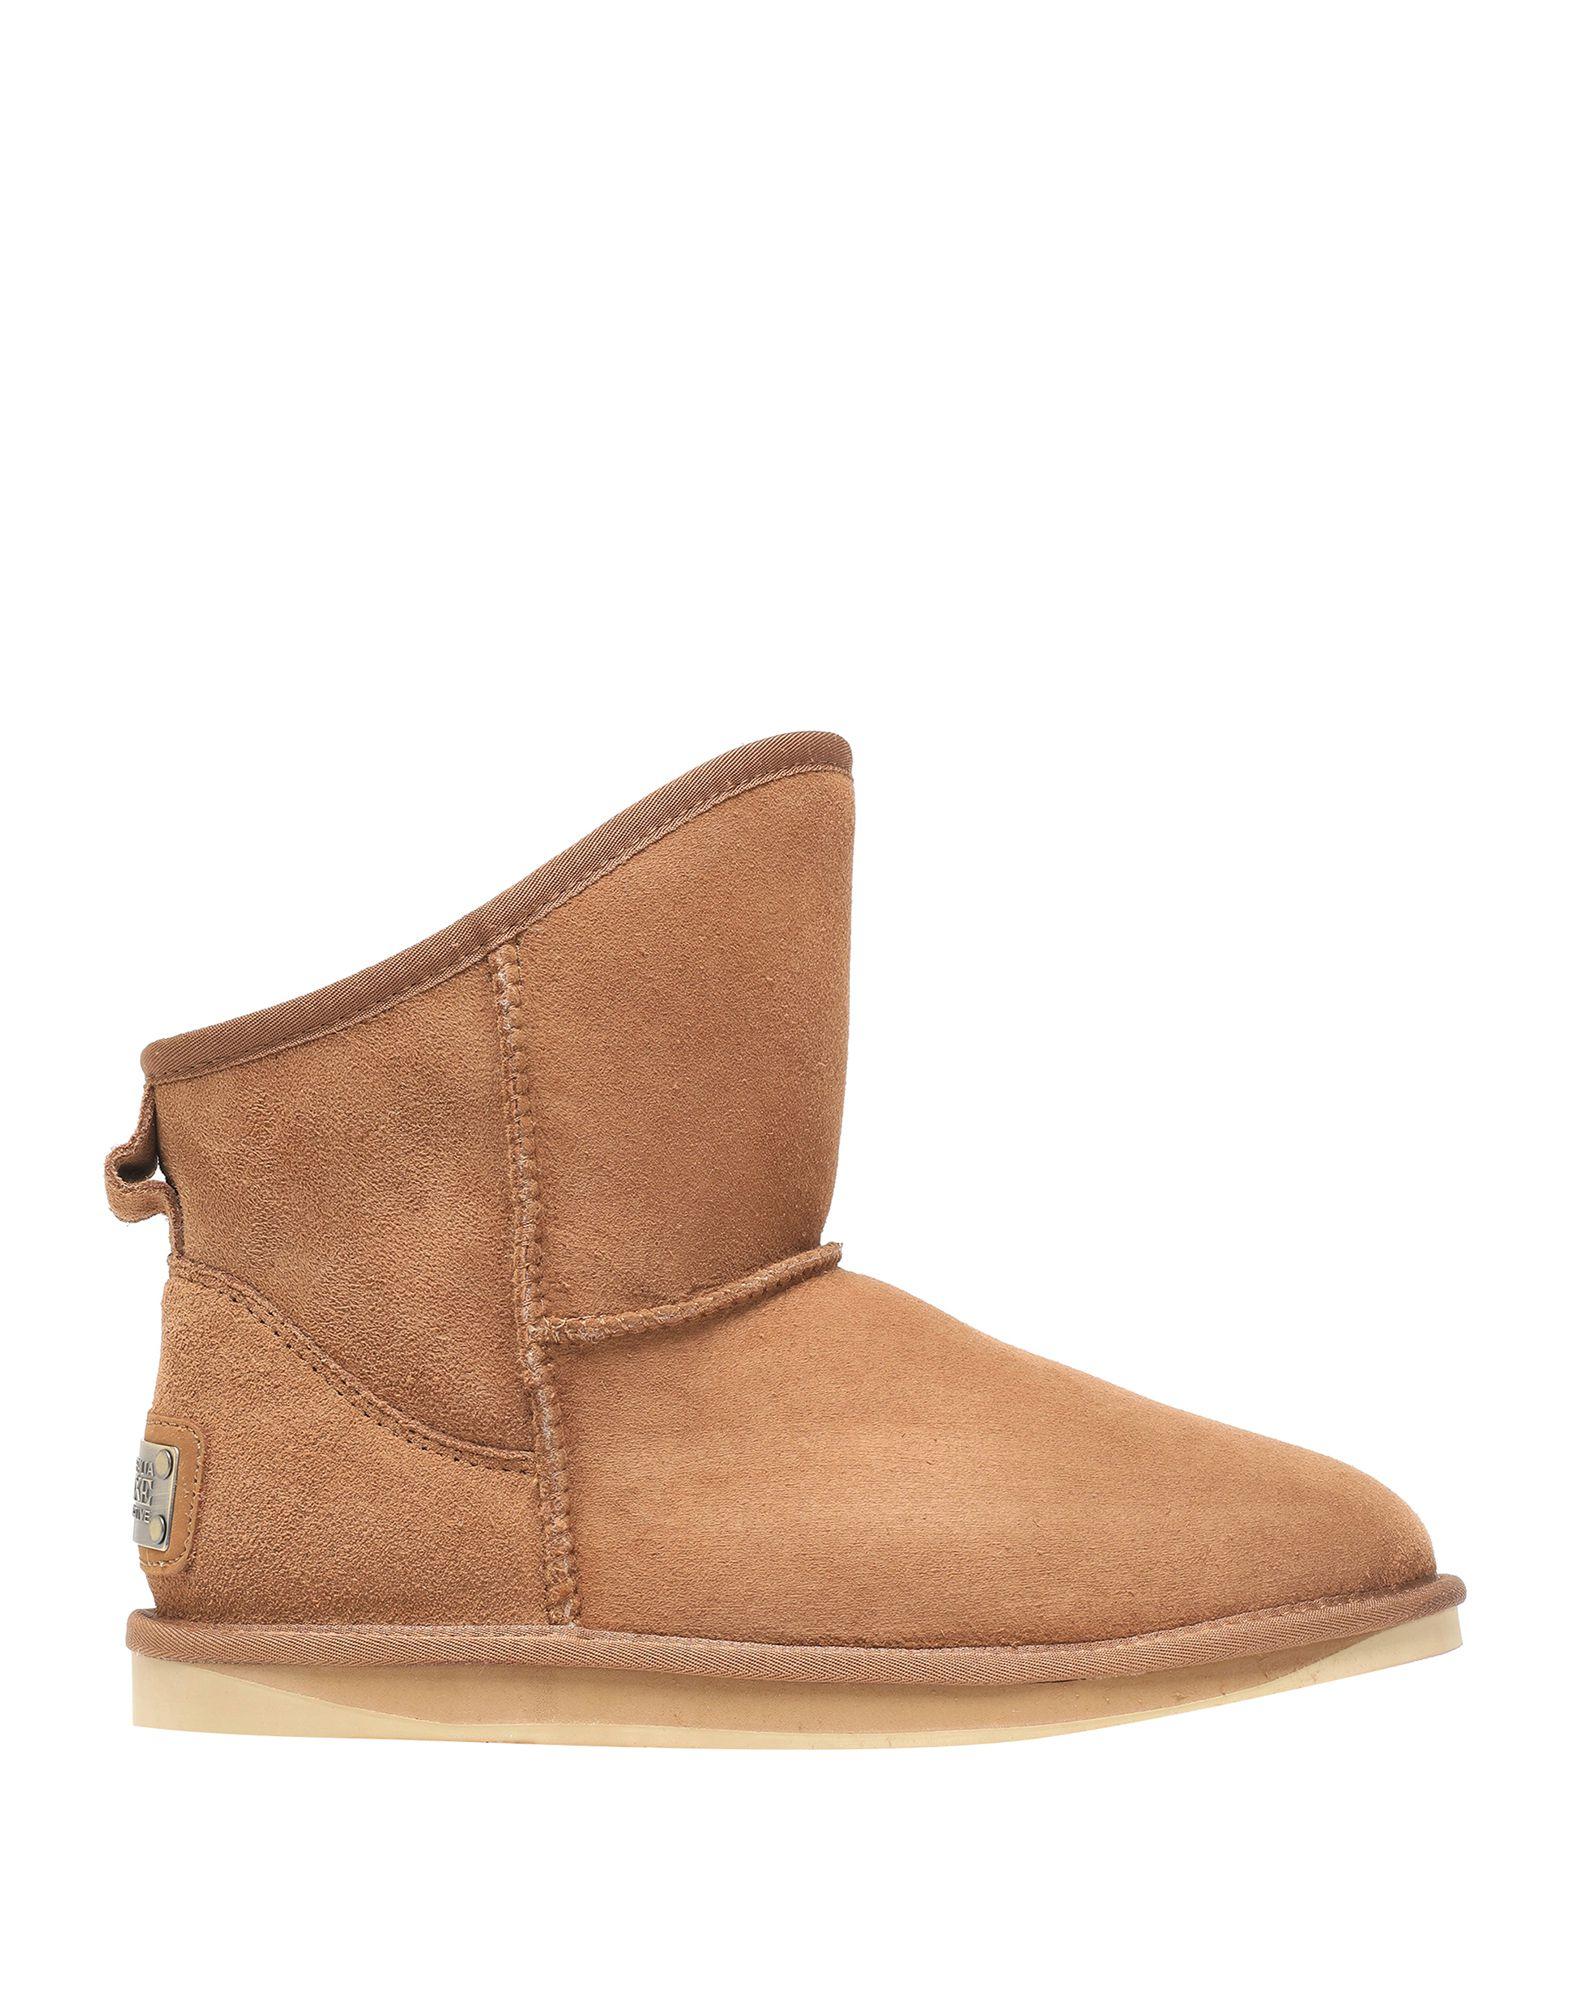 AUSTRALIA LUXE COLLECTIVE Полусапоги и высокие ботинки australia luxe collective сапоги